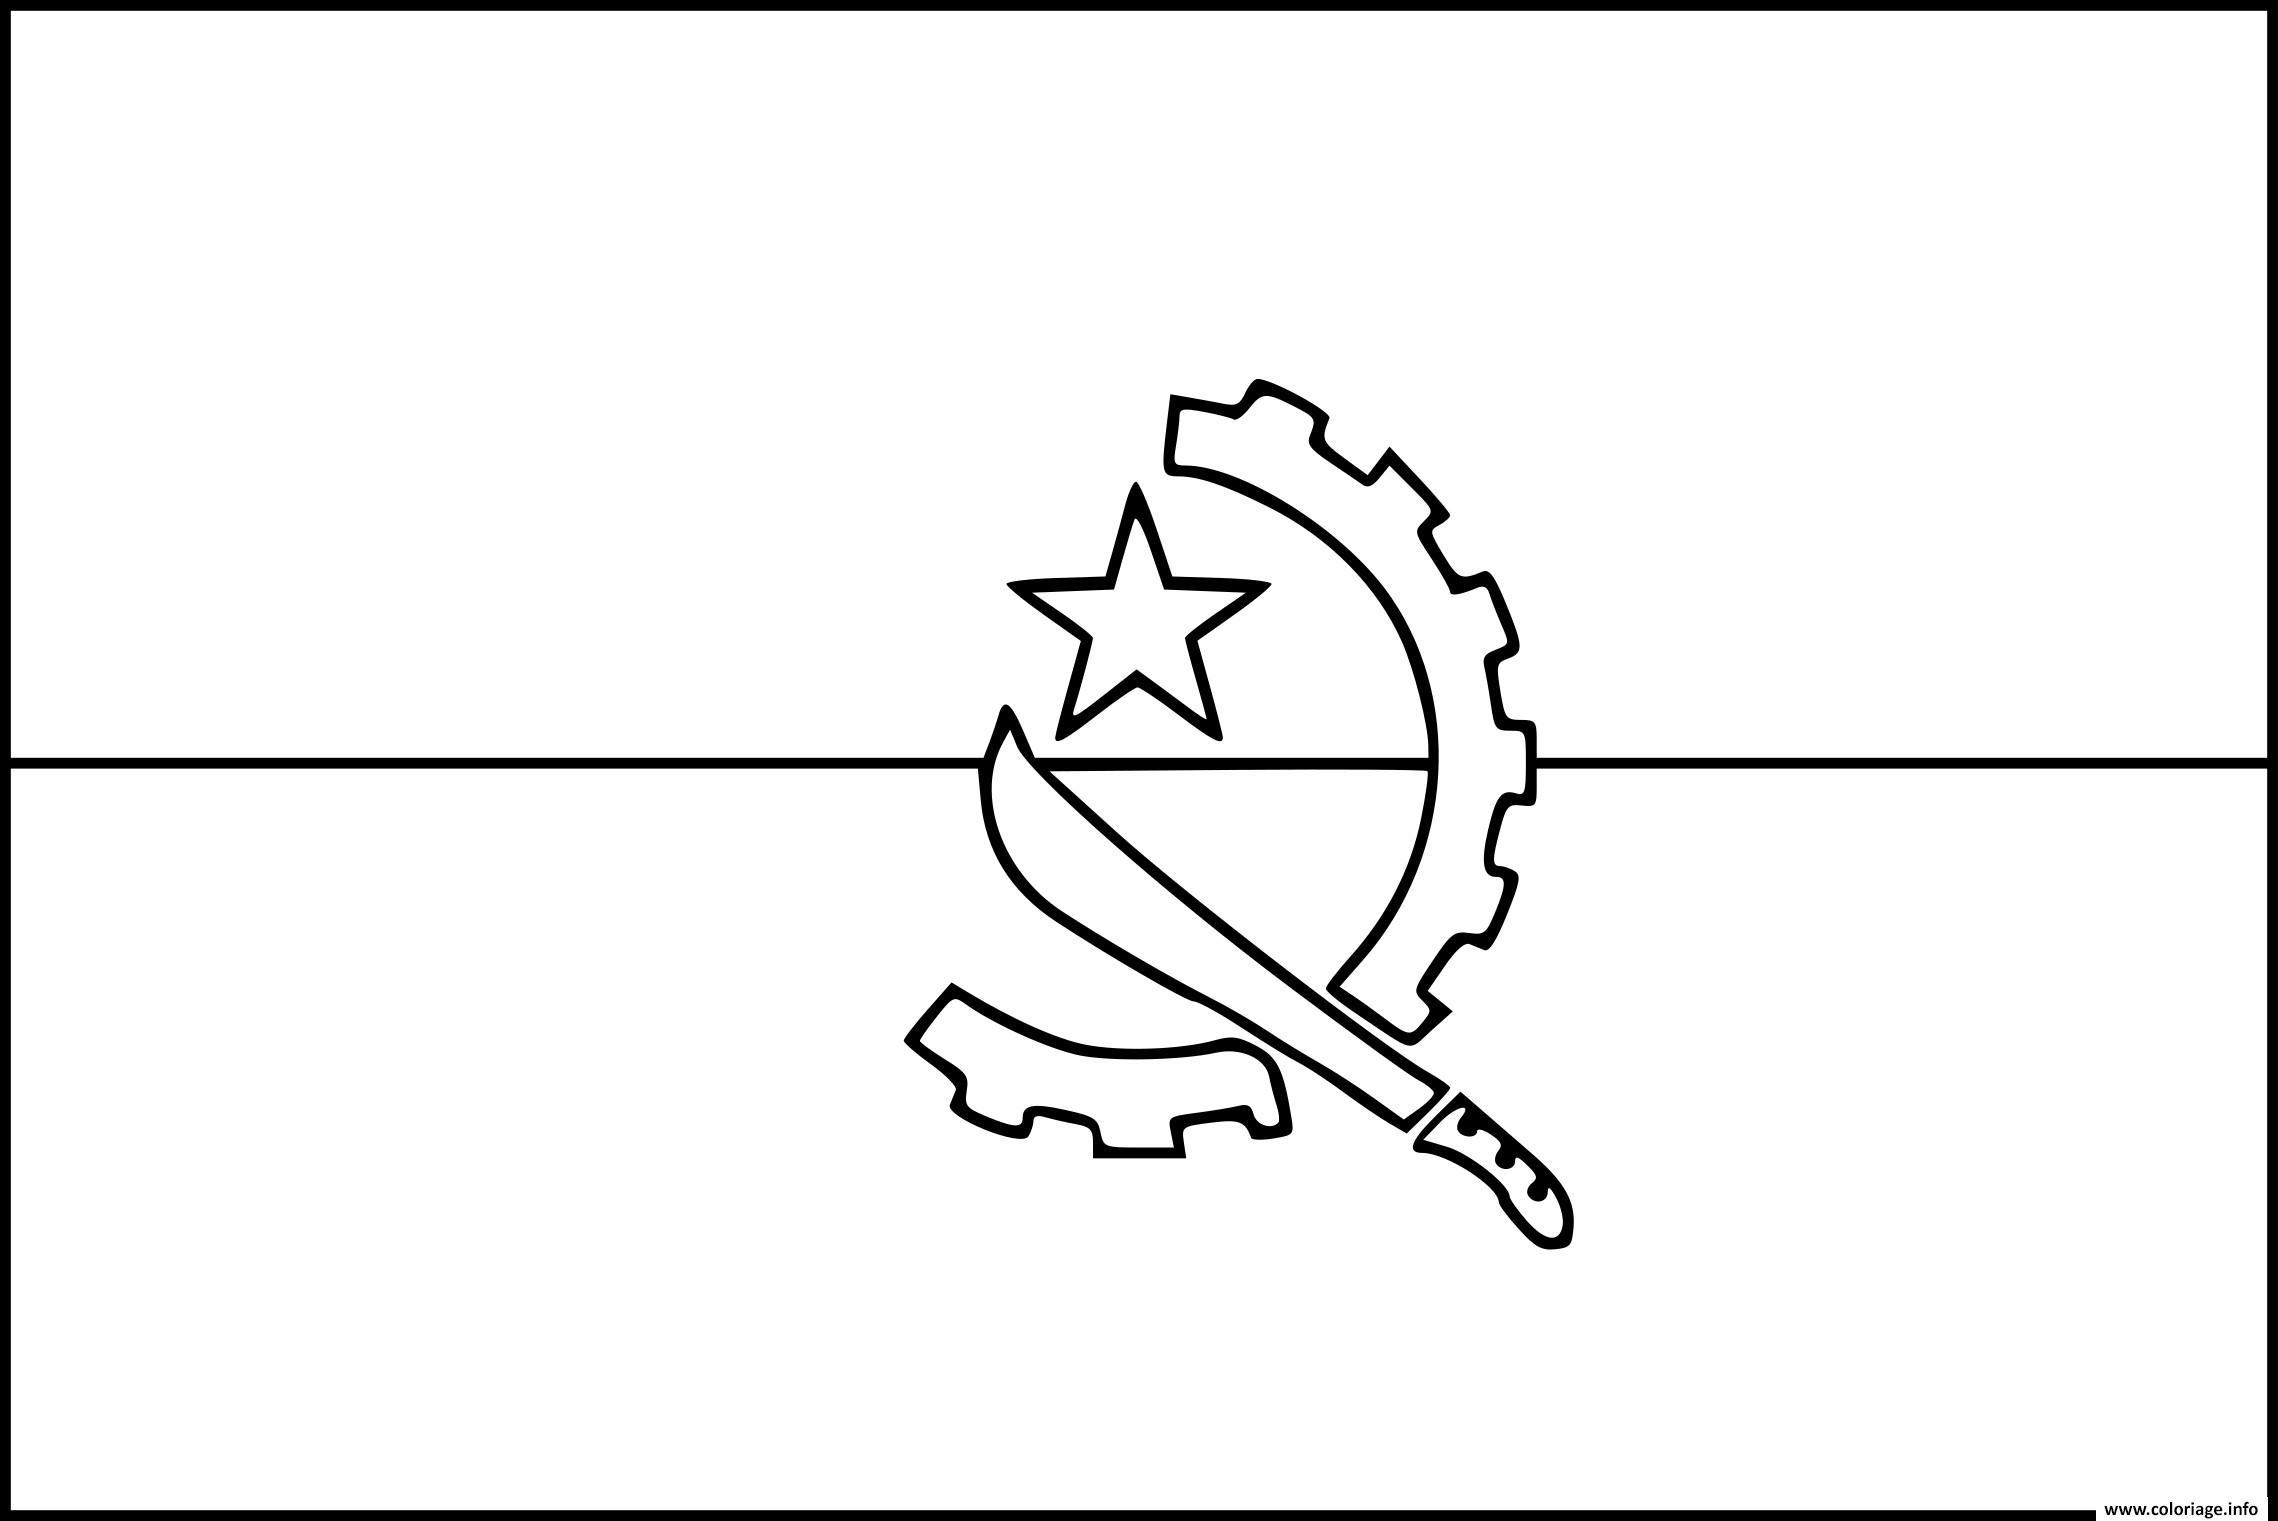 Dessin drapeau angola Coloriage Gratuit à Imprimer